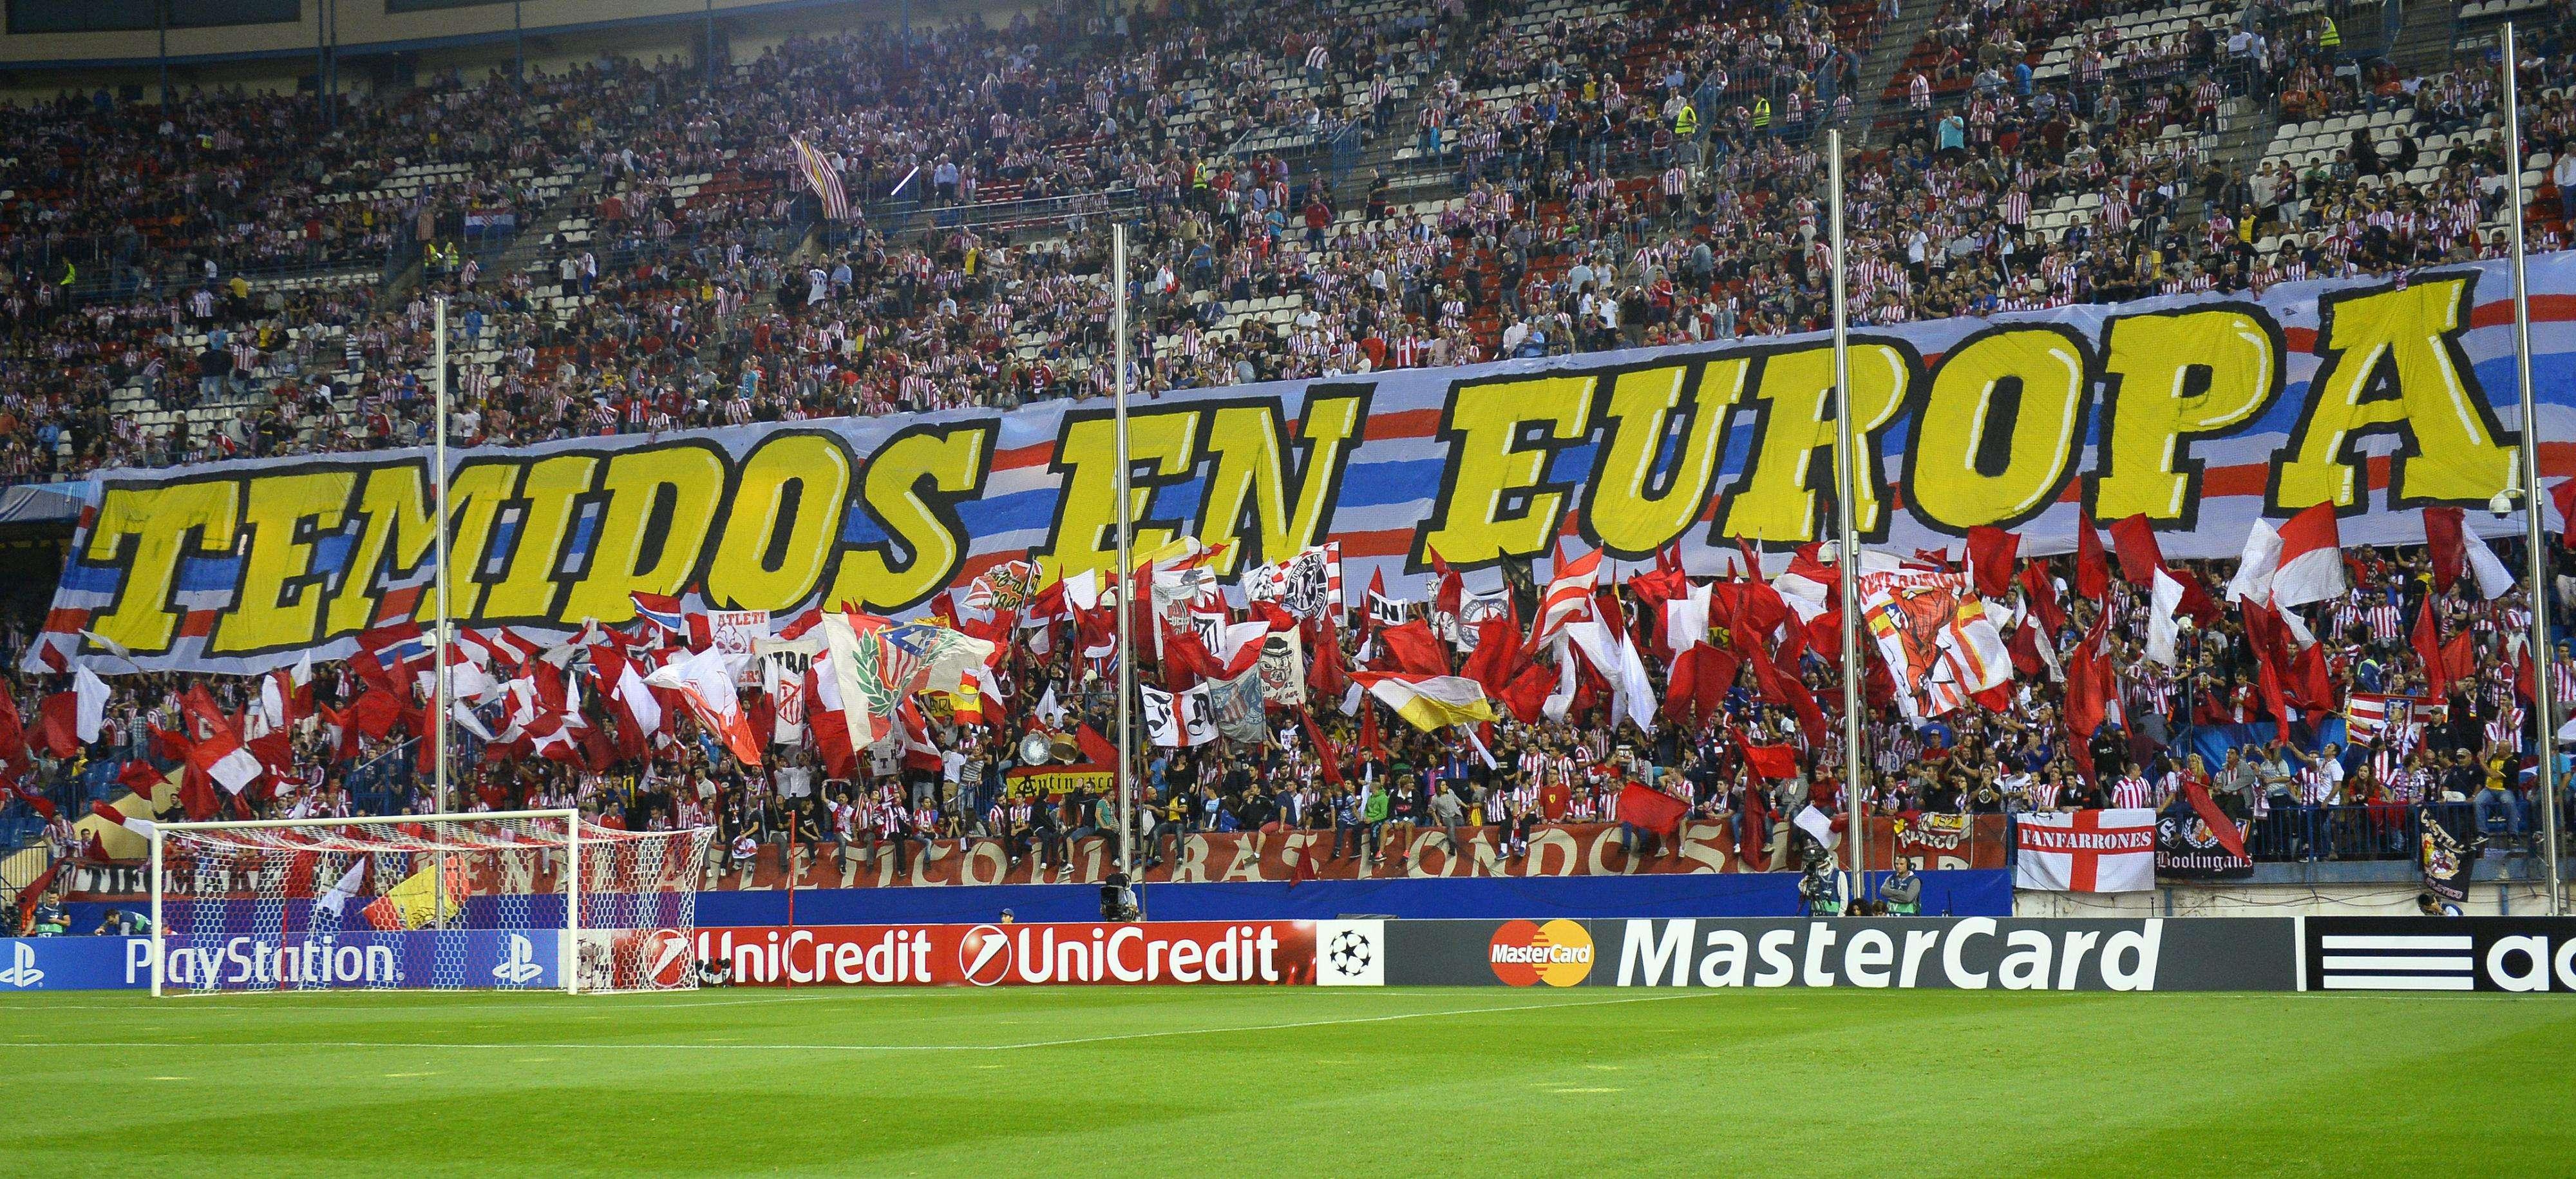 Torcida do Atlético de Madrid faz festa na vitória sobre a Juventus Foto: Gerard Julien/AFP